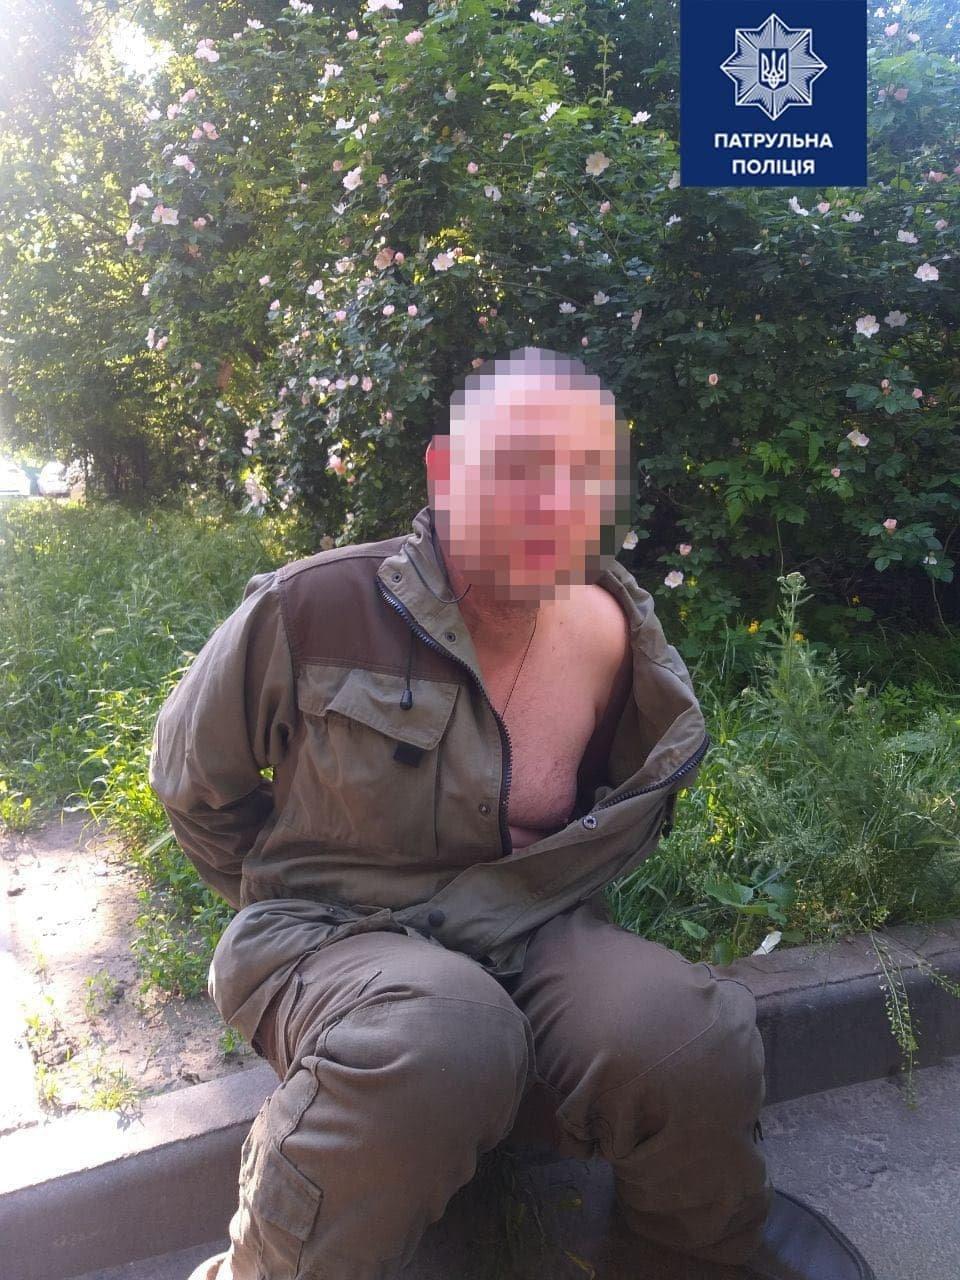 В Одессе полиция задержала мужчину за учебные гранаты, - ФОТО, фото-2